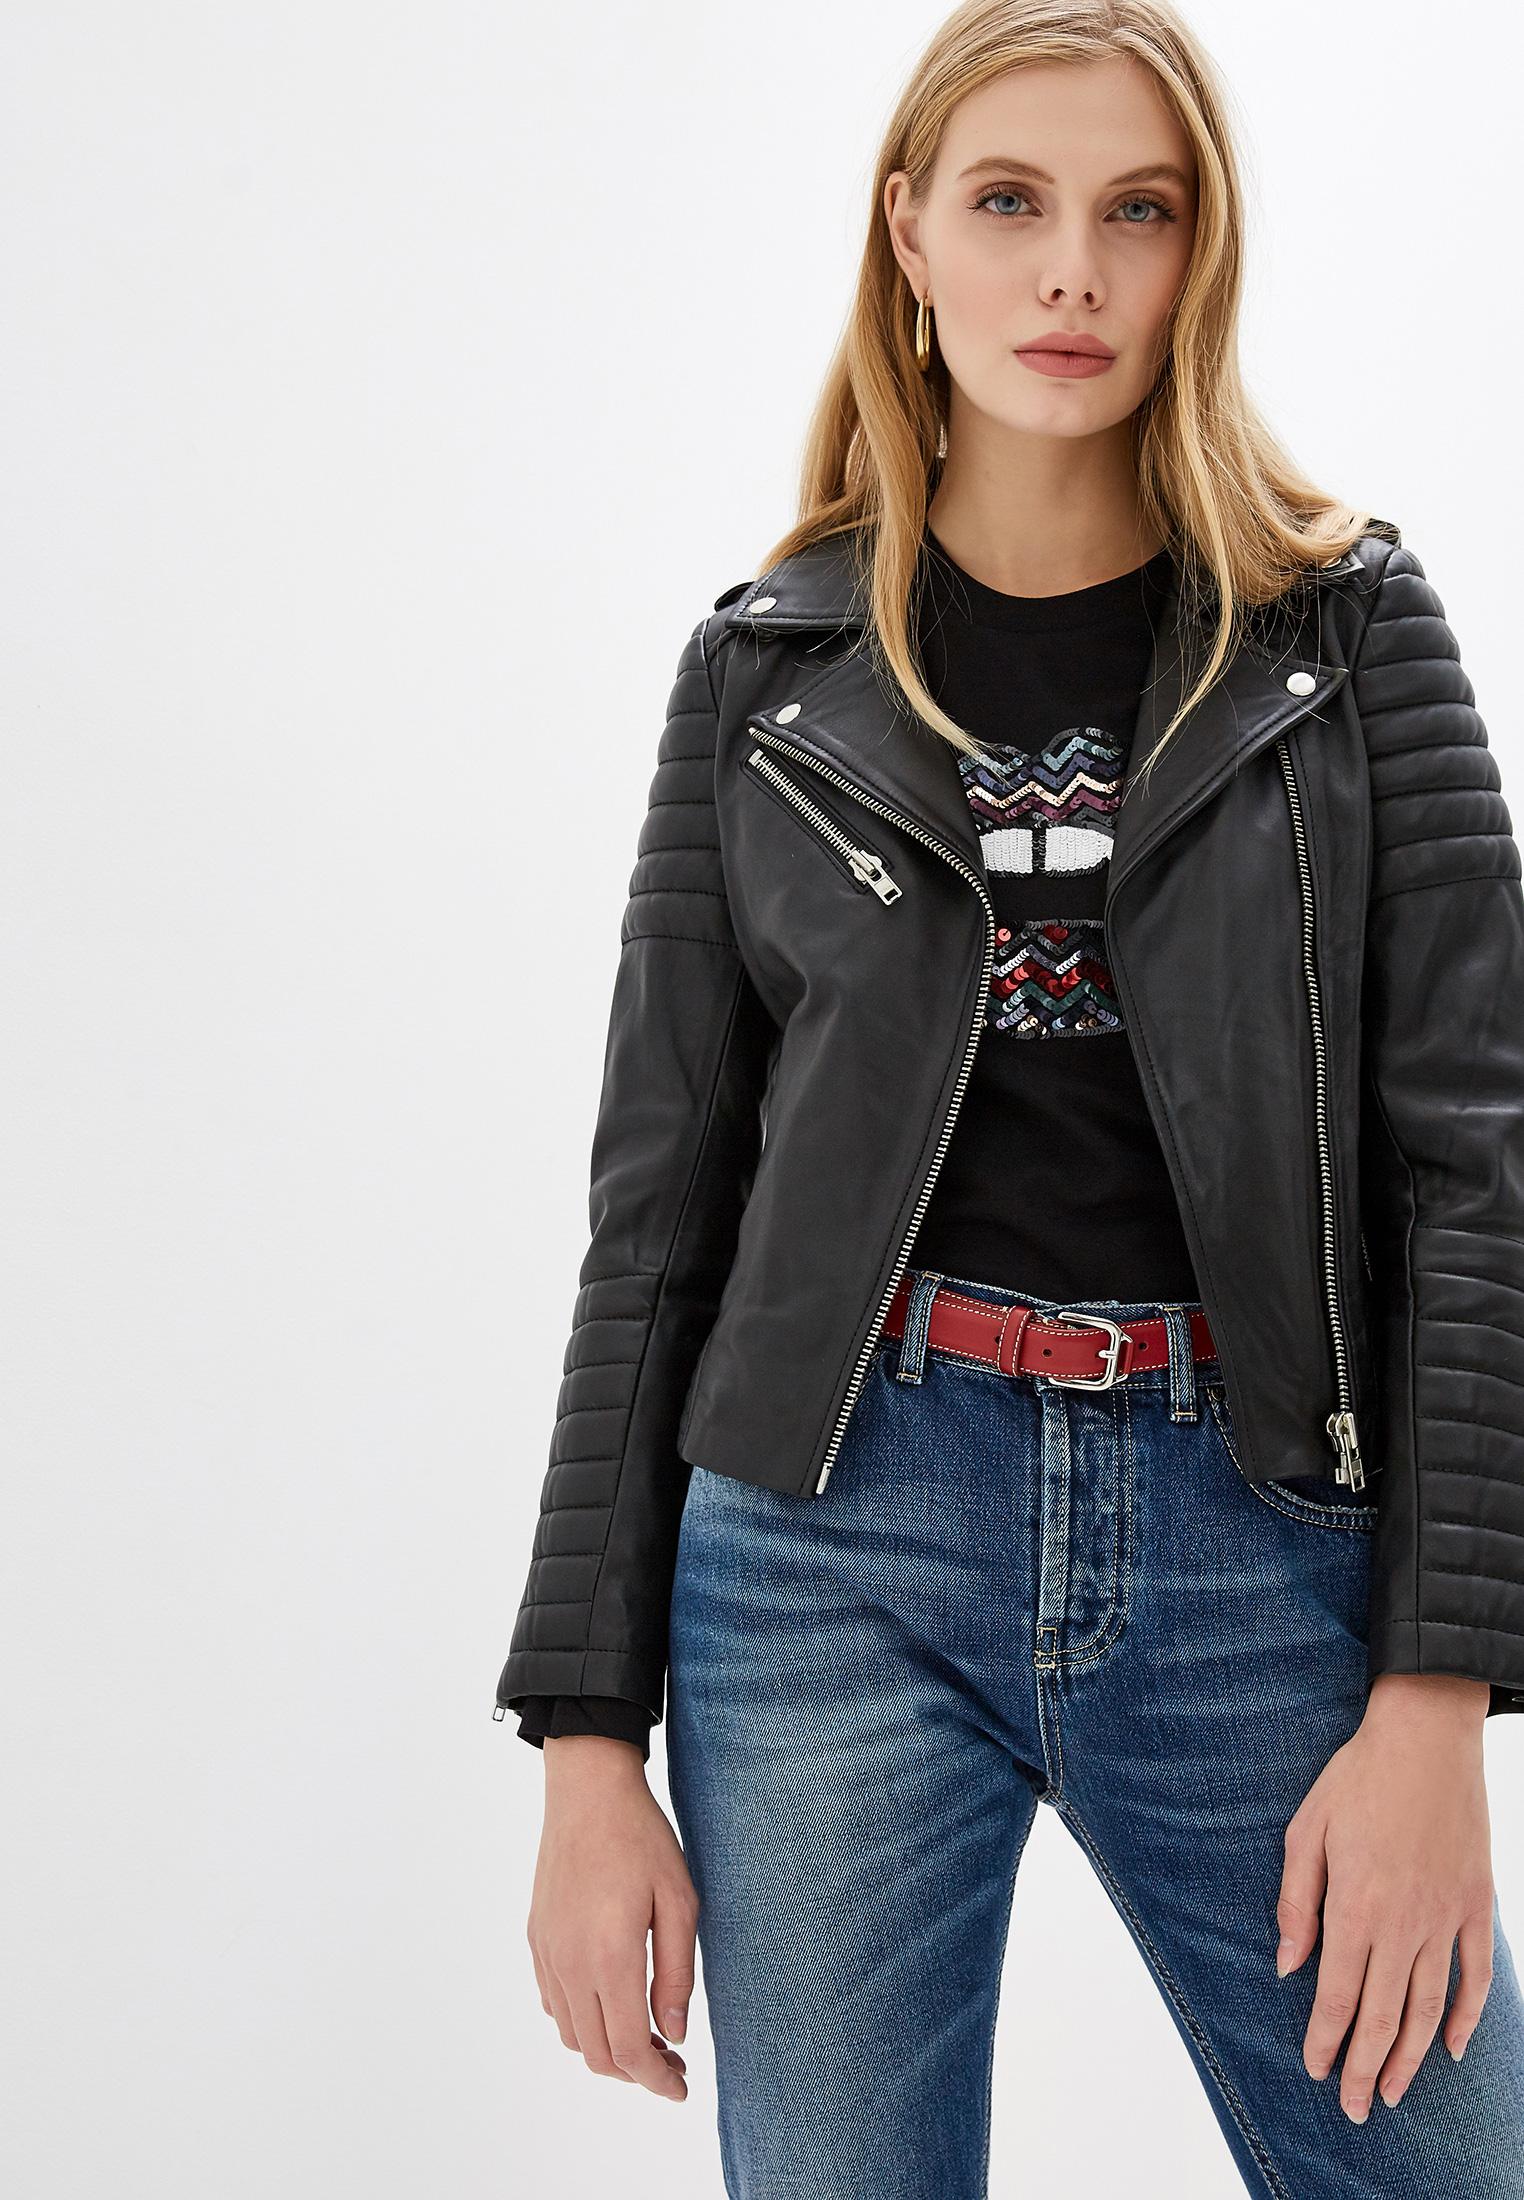 Кожаная куртка Serge Pariente HIPSTER GIRL